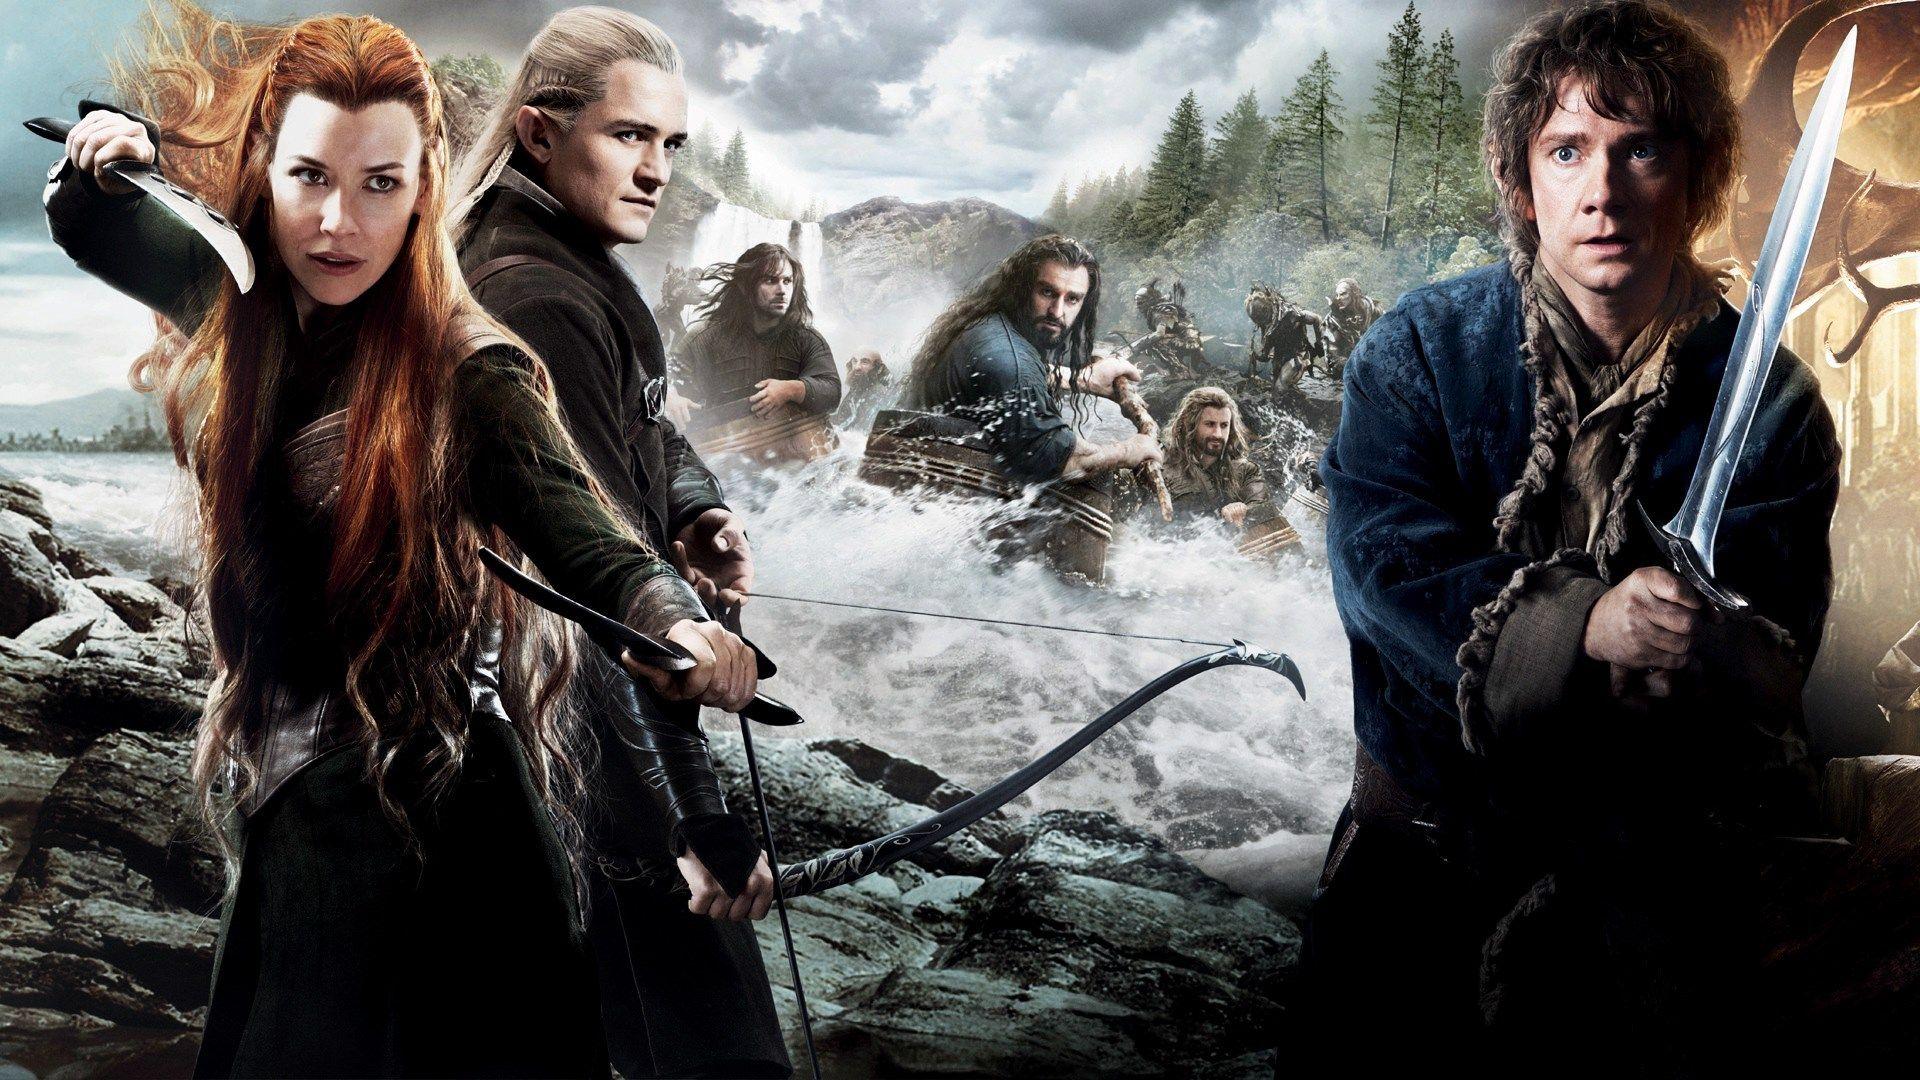 Free Desktop The Hobbit The Battle Of The Five Armies